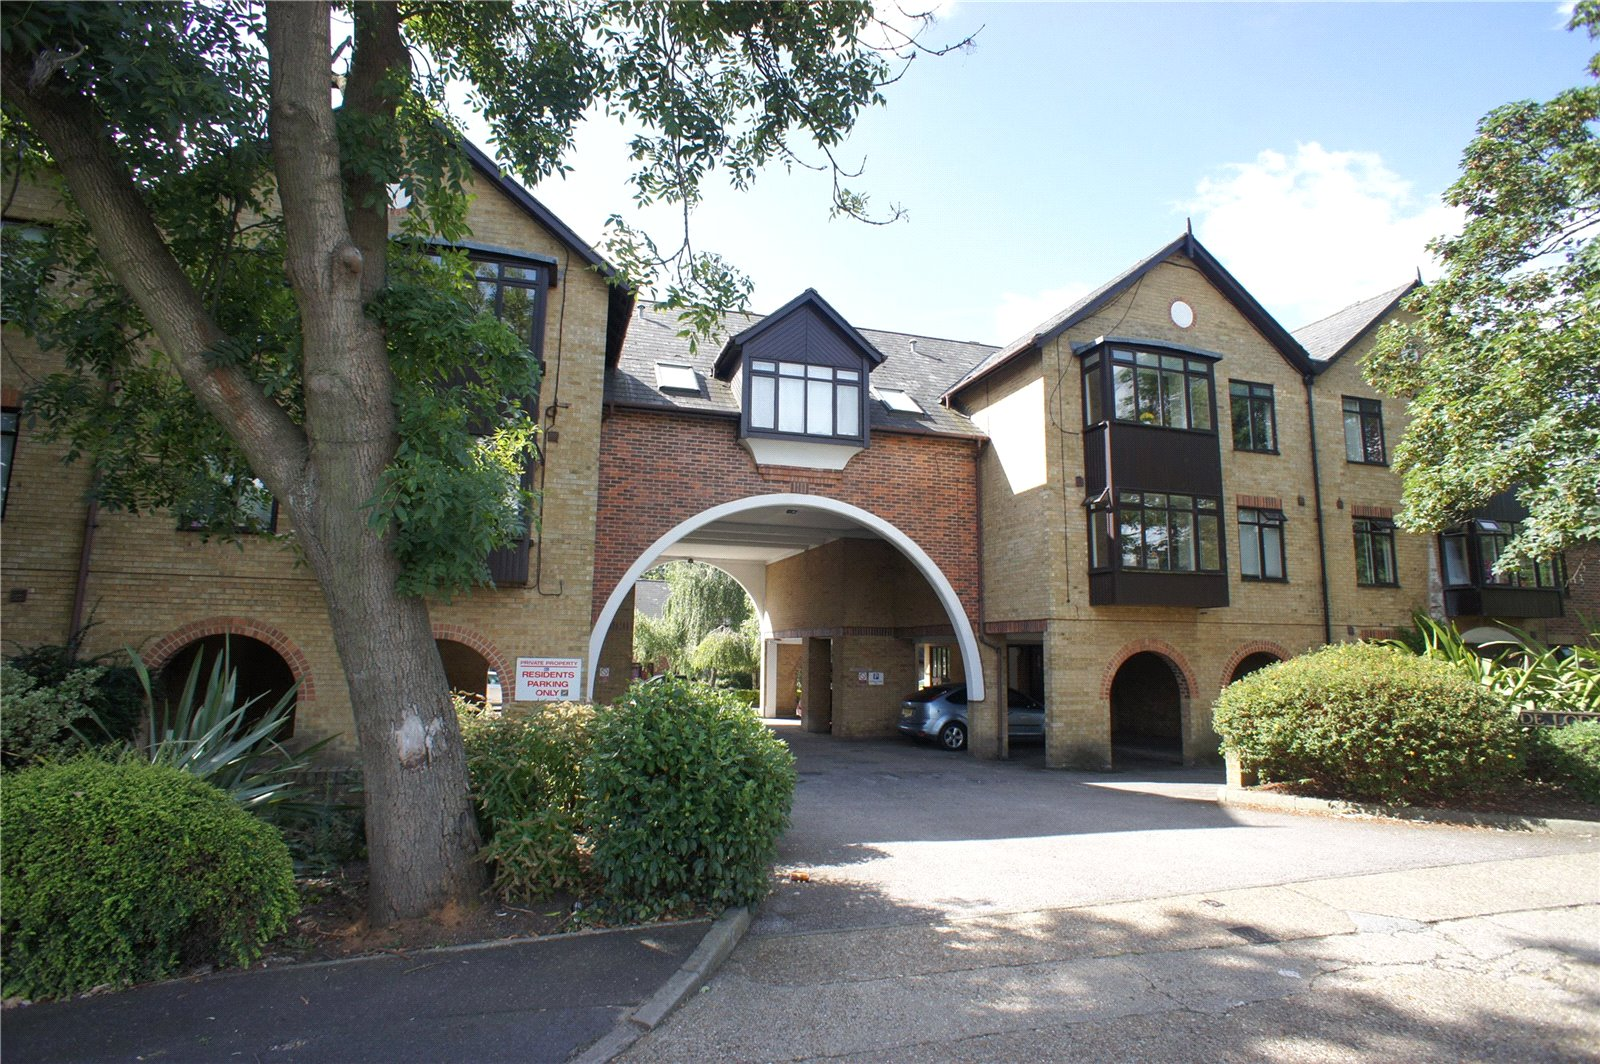 Parkside Lodge, 101 Erith Rd, Belvedere, Kent, DA17